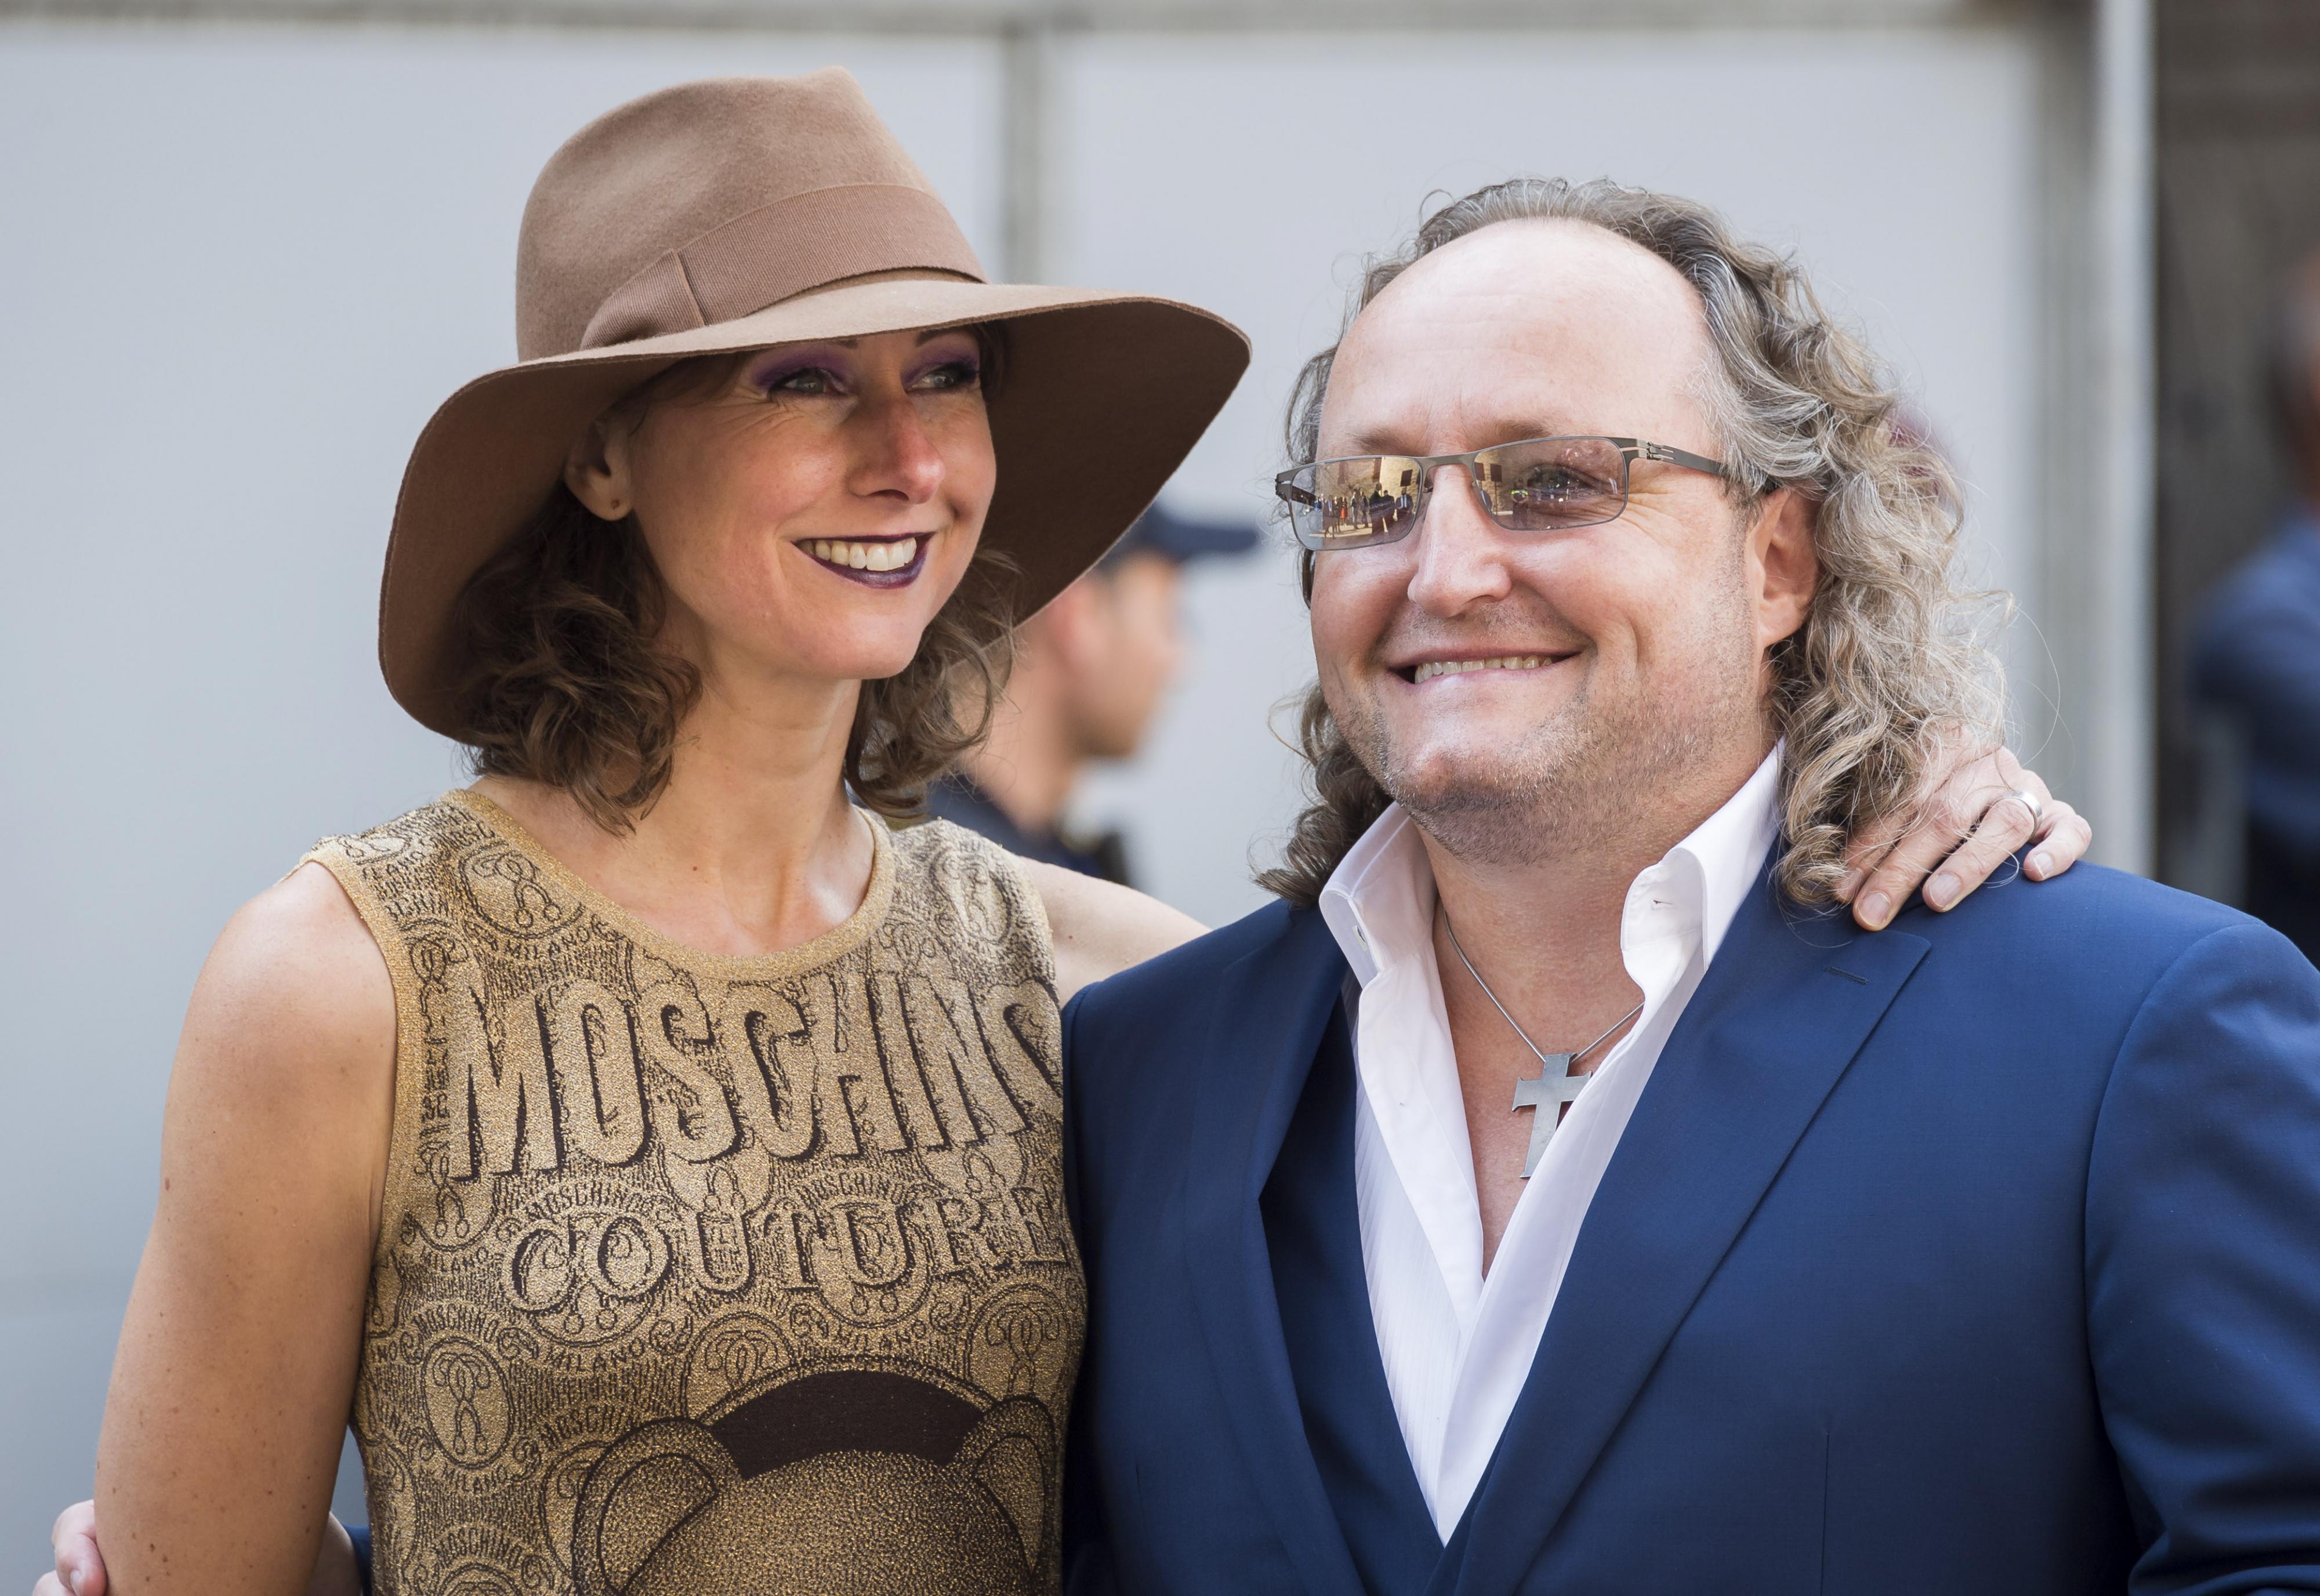 PVV-Kamerlid Dion Graus met partner bij de Ridderzaal op Prinsjesdag. ANP